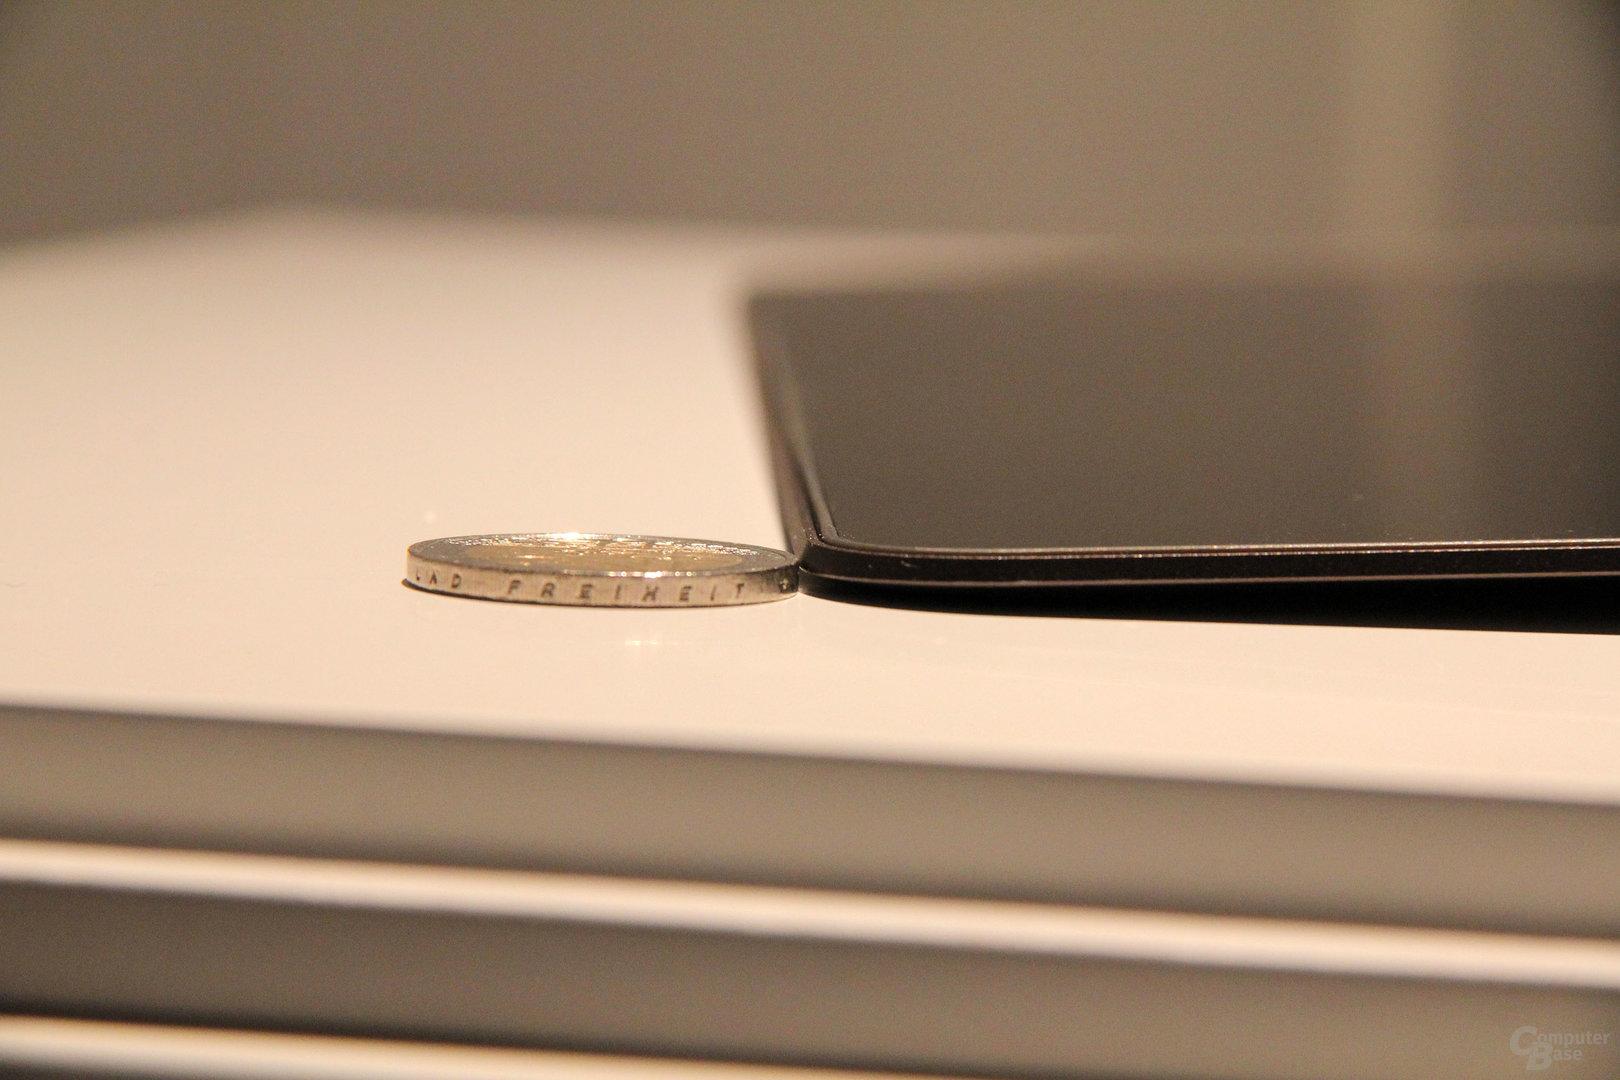 Das Display des HP Spectre 13 ist 2 Millimeter dünn